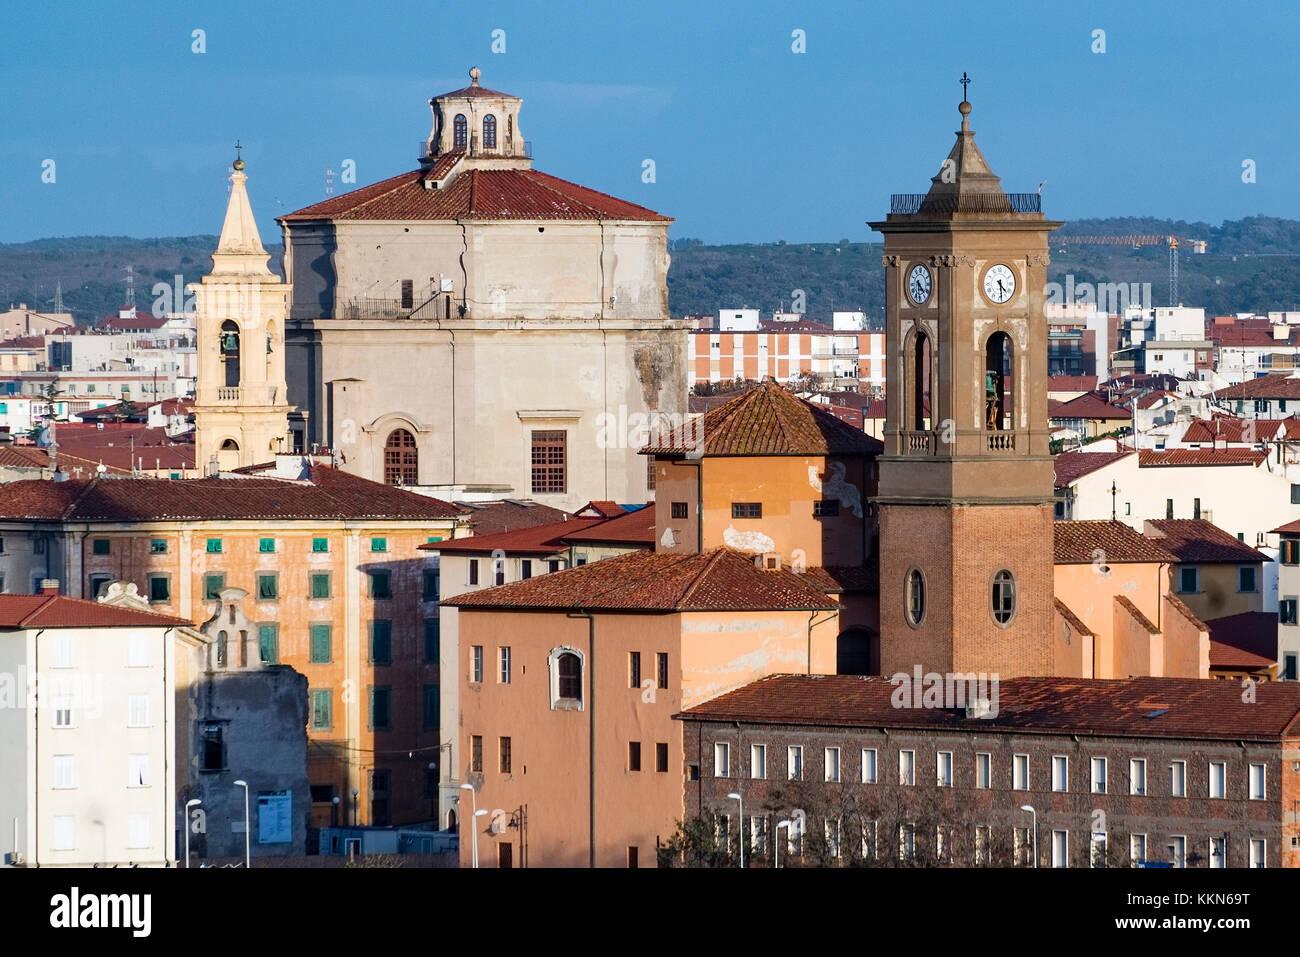 Old city Livorno, Tuscany, Italy. - Stock Image